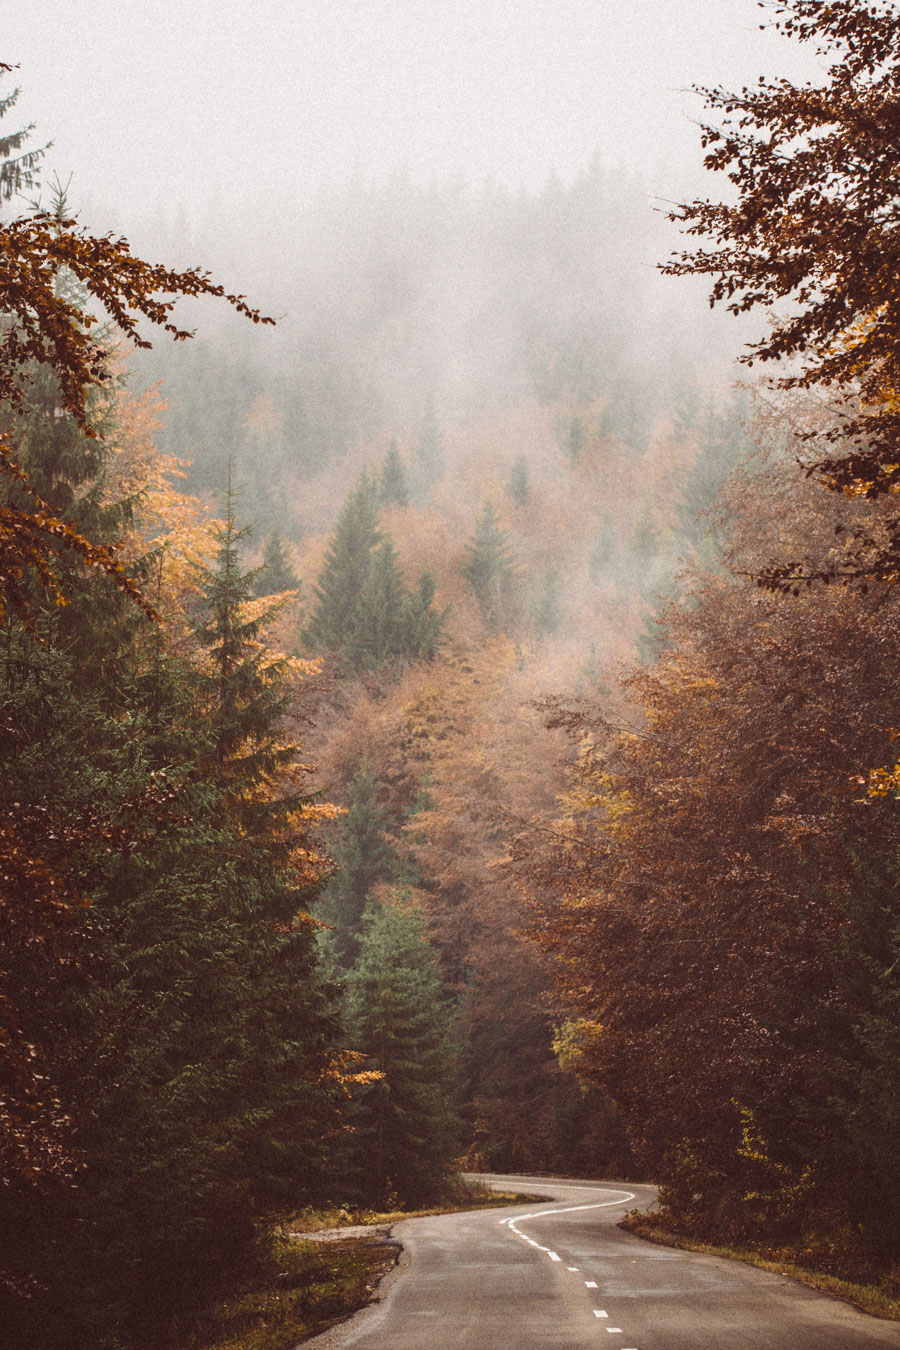 Romanian mountains in autumn